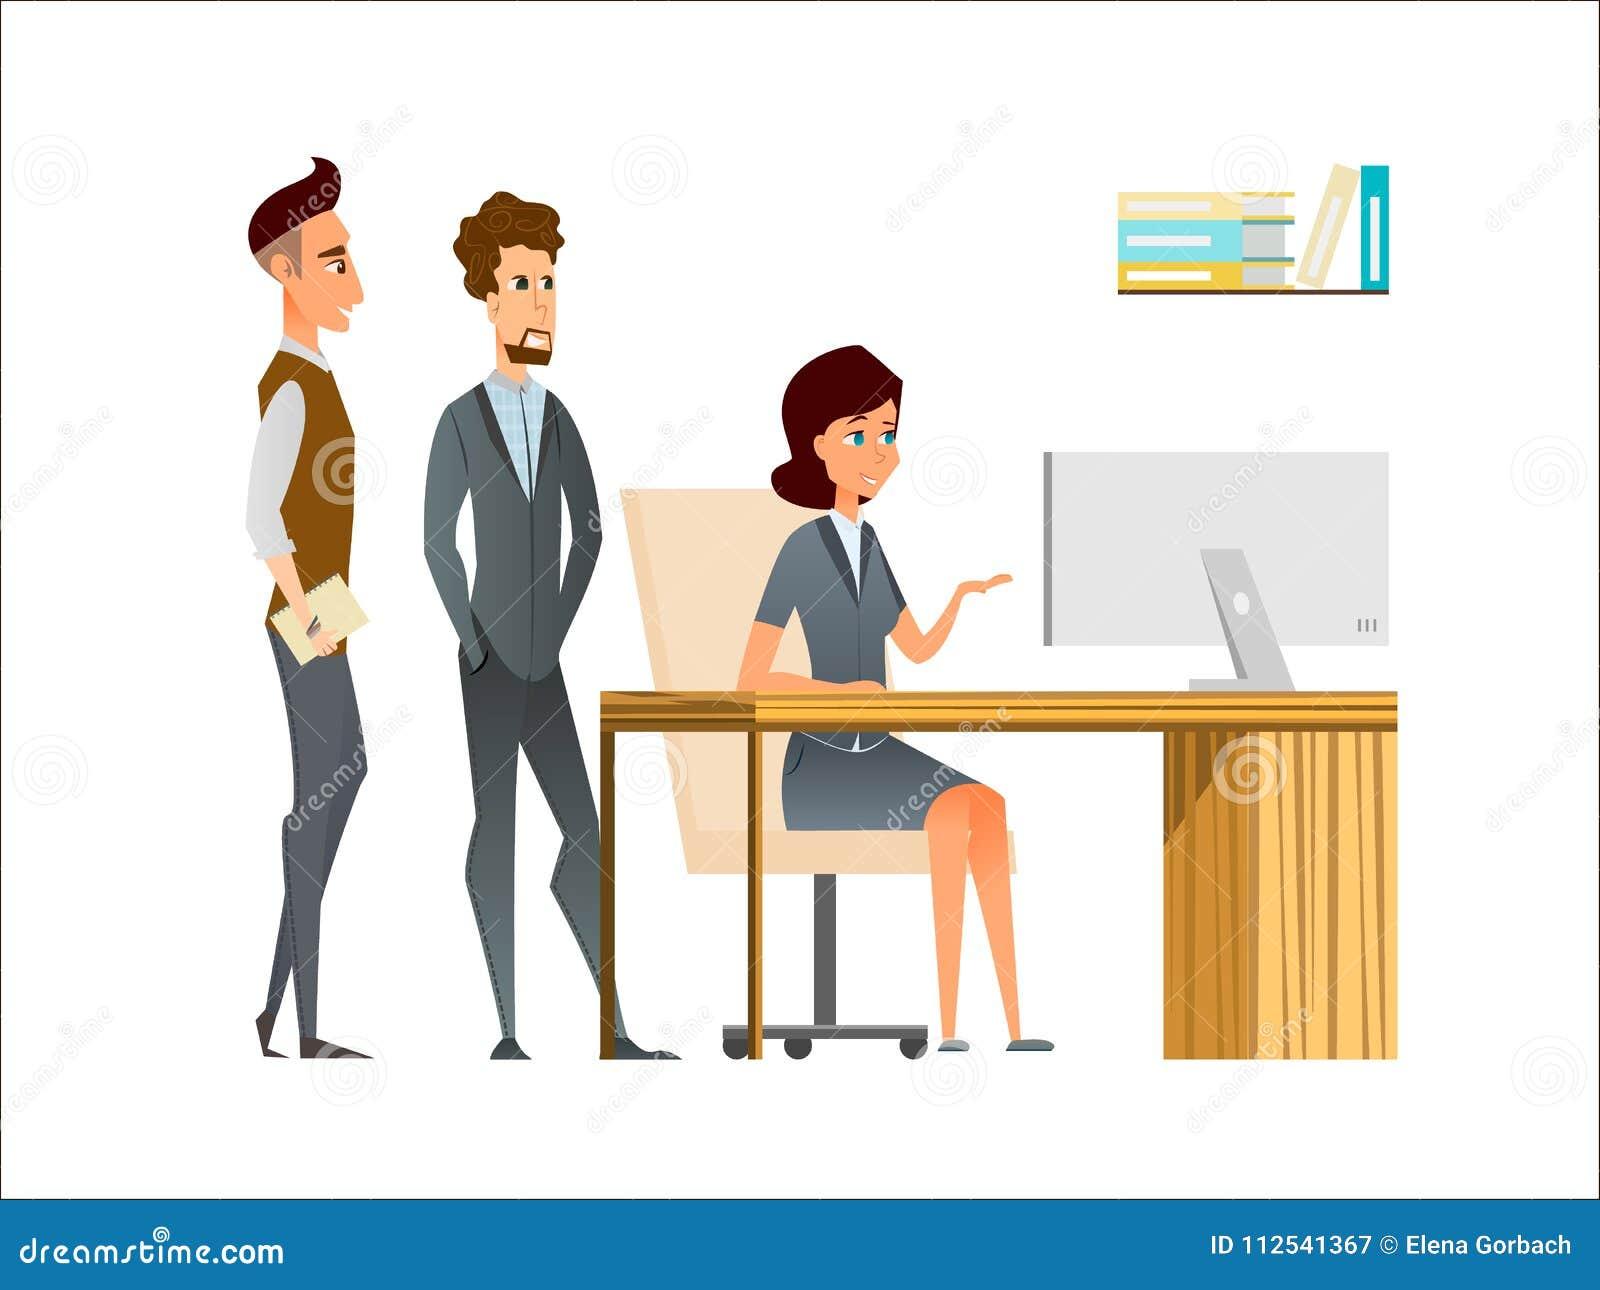 le directeur et les employ s discutent dans le bureau personnages de dessin anim d 39 affaires en. Black Bedroom Furniture Sets. Home Design Ideas